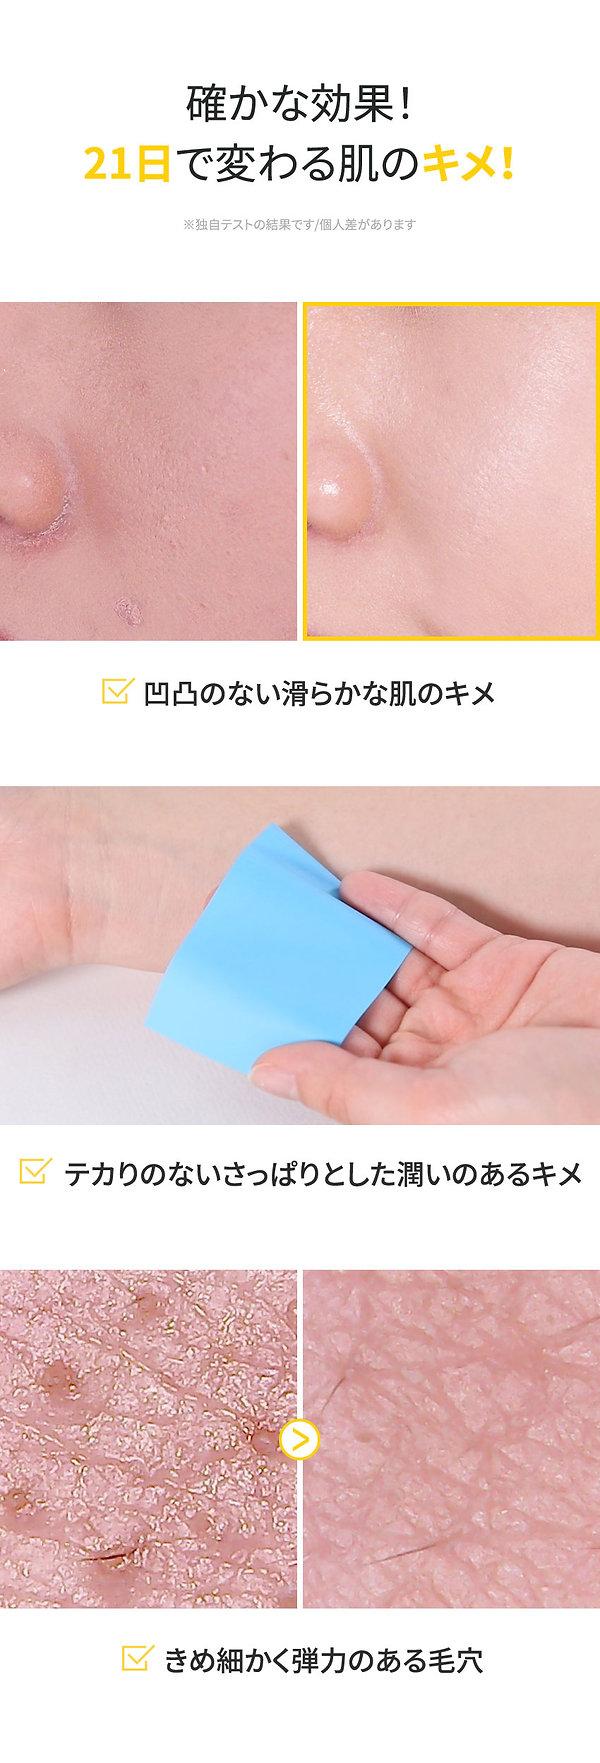 티암_-포어-미니마이징-21-크림-(JP)-07.jpg